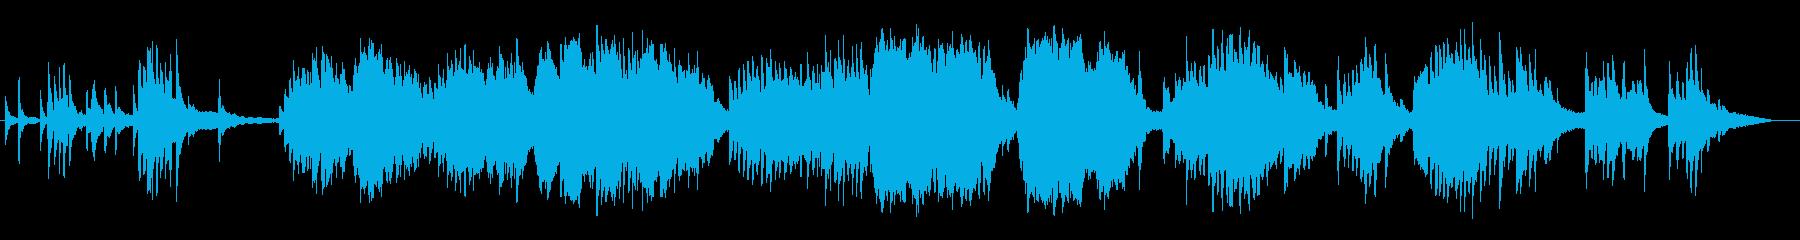 美しく透明感のピアノバイオリンサウンドの再生済みの波形